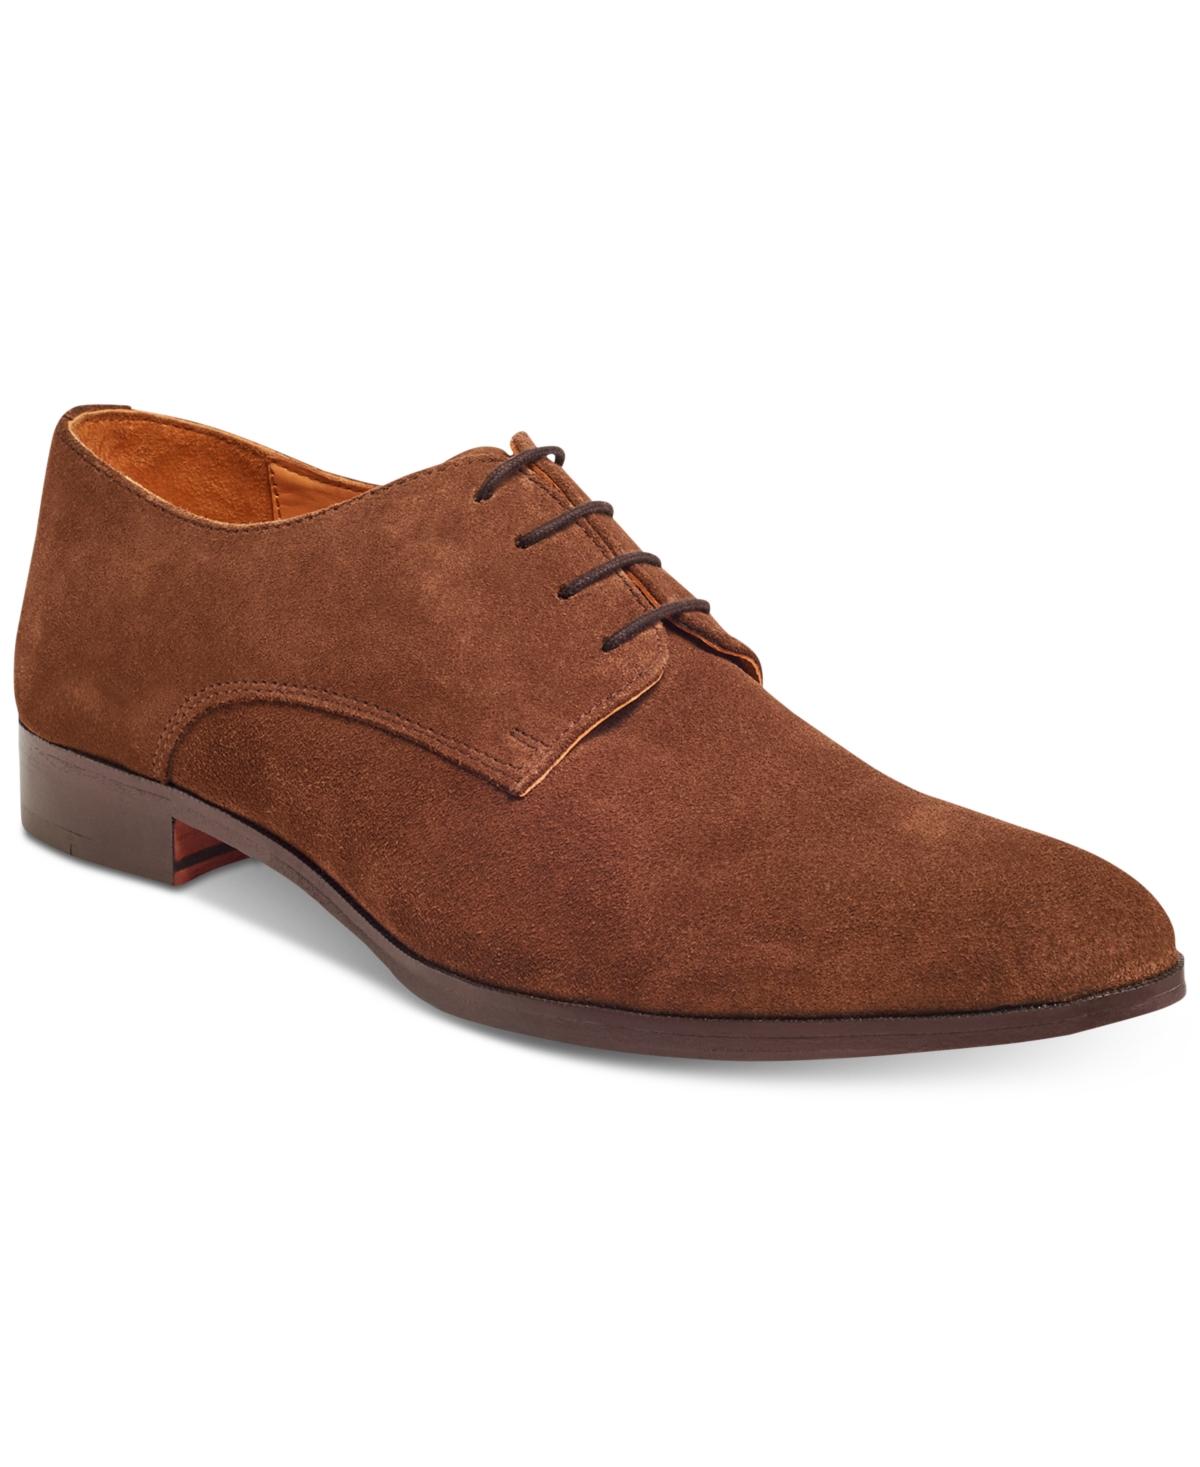 Carlos by Carlos Santana Men's Power Derby Oxfords Men's Shoes